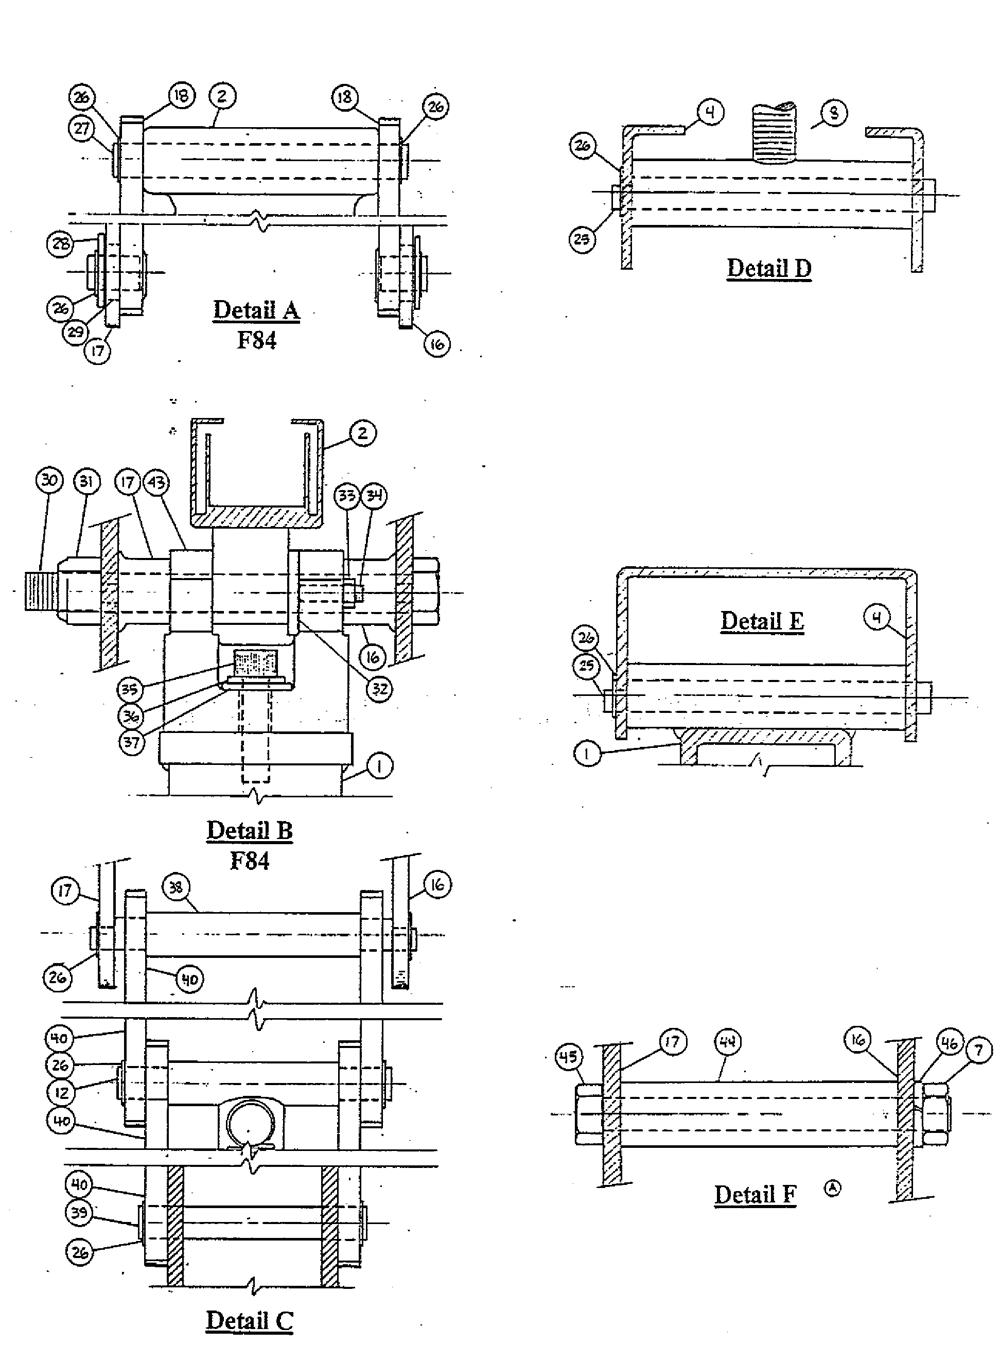 F84-bostitch-PB-1Break Down